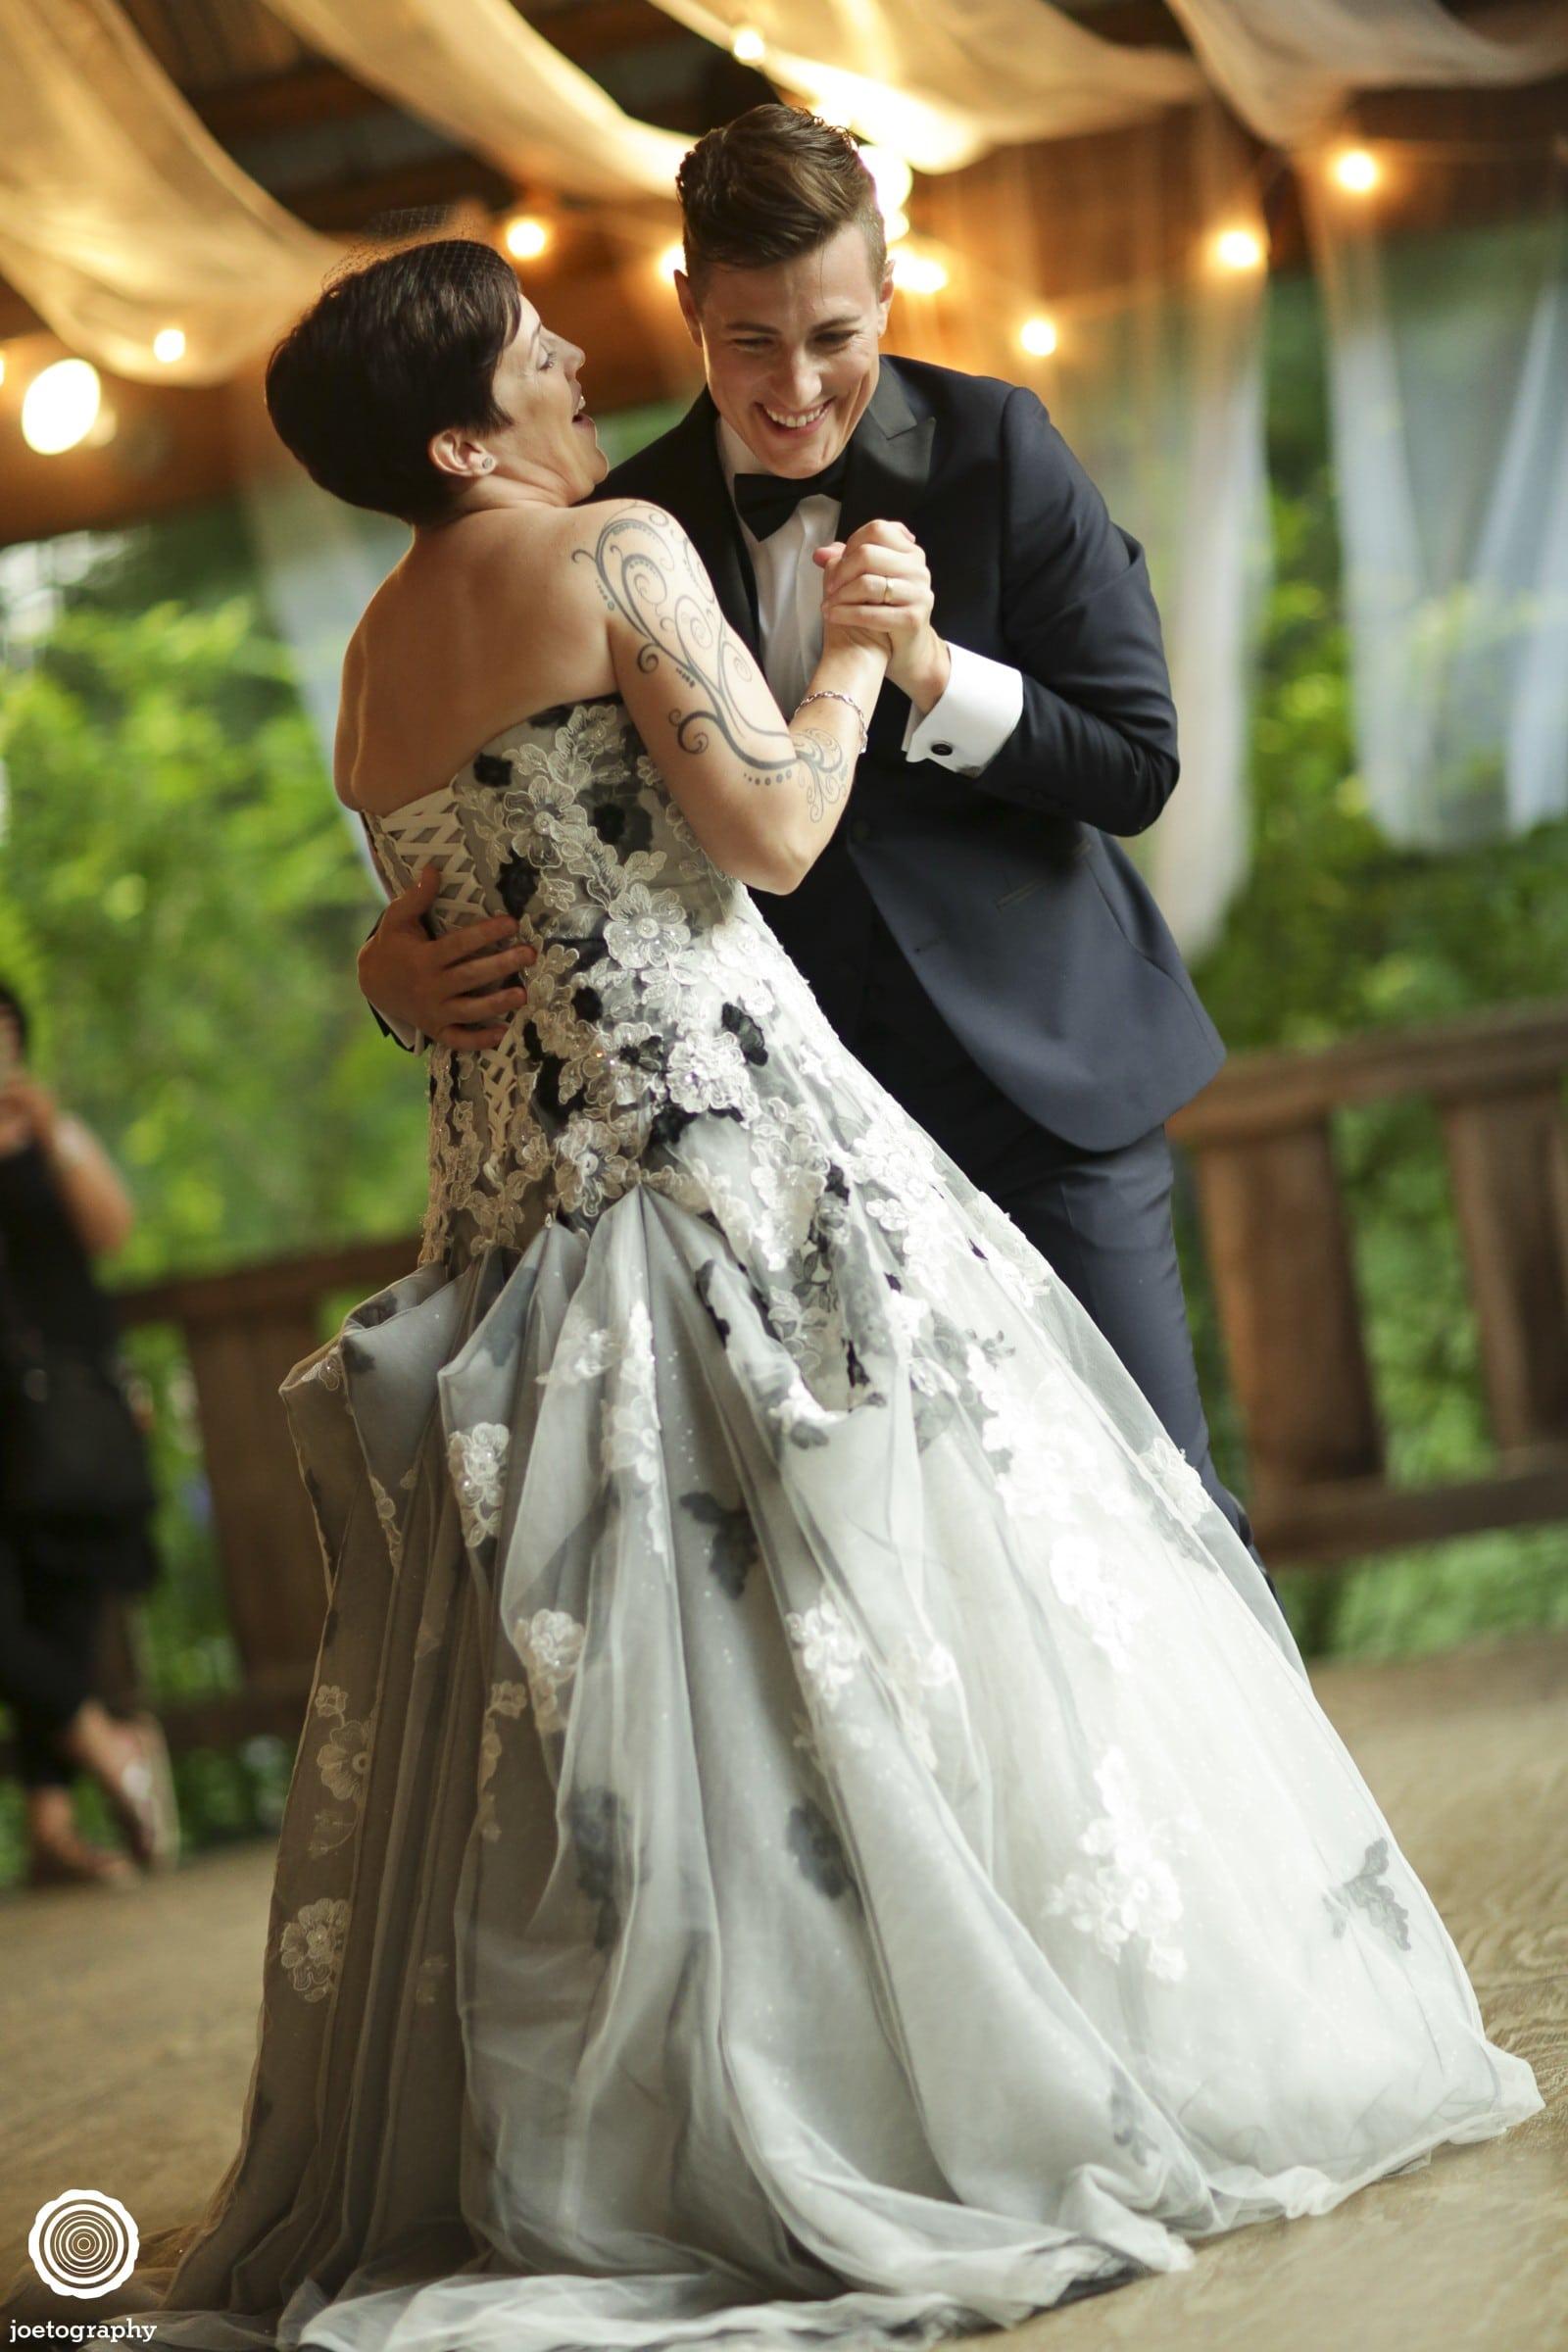 wedding-photography-story-indiana-112